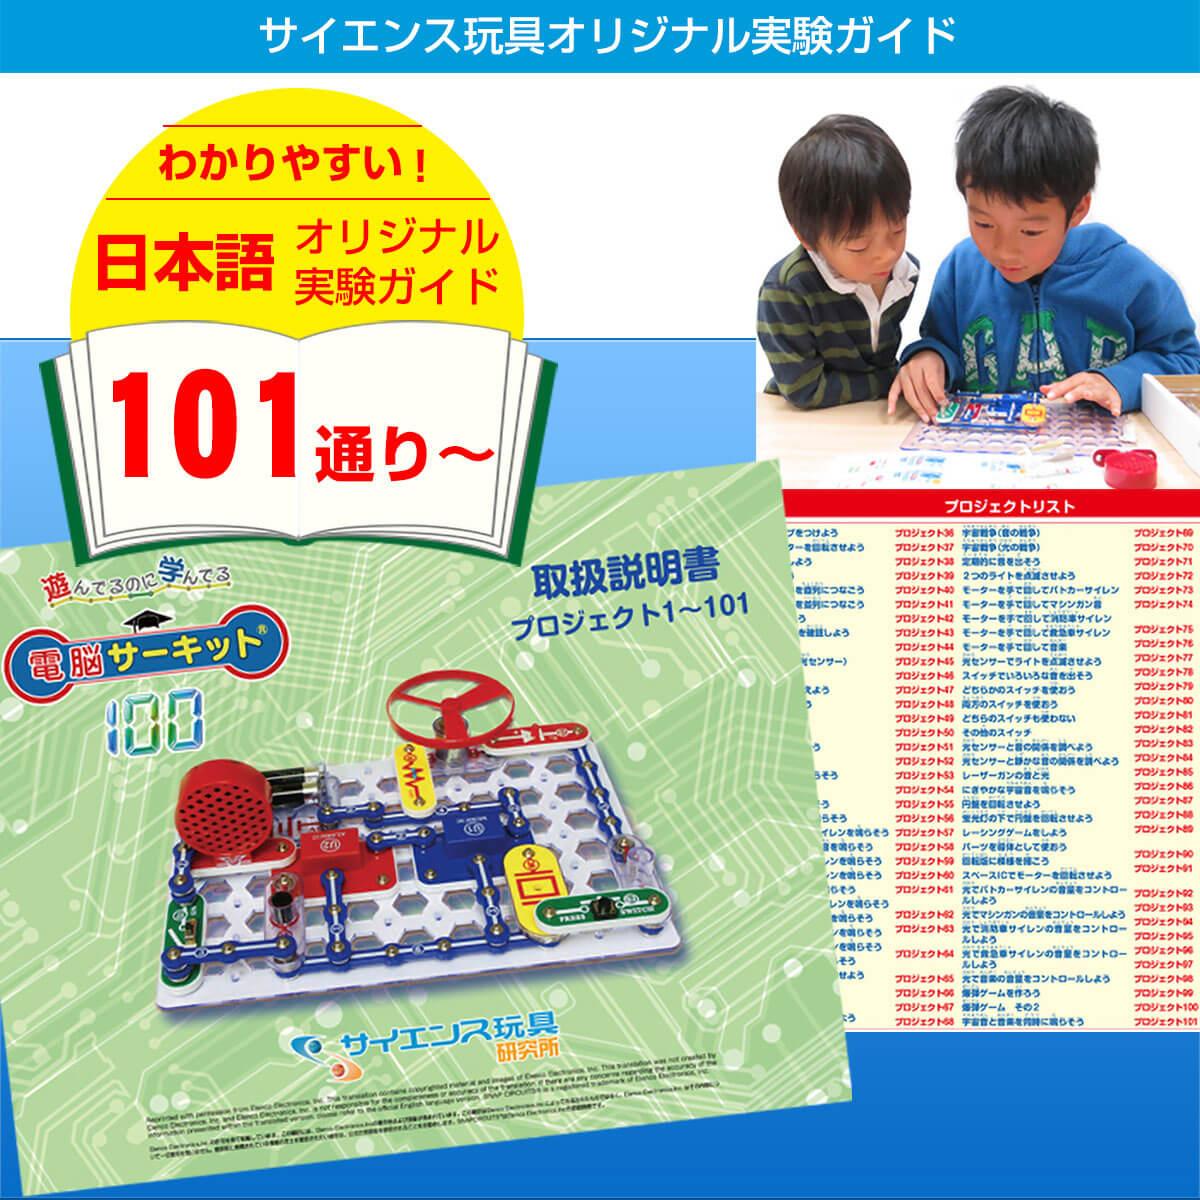 分かりやすい日本語オリジナル実験ガイド付き